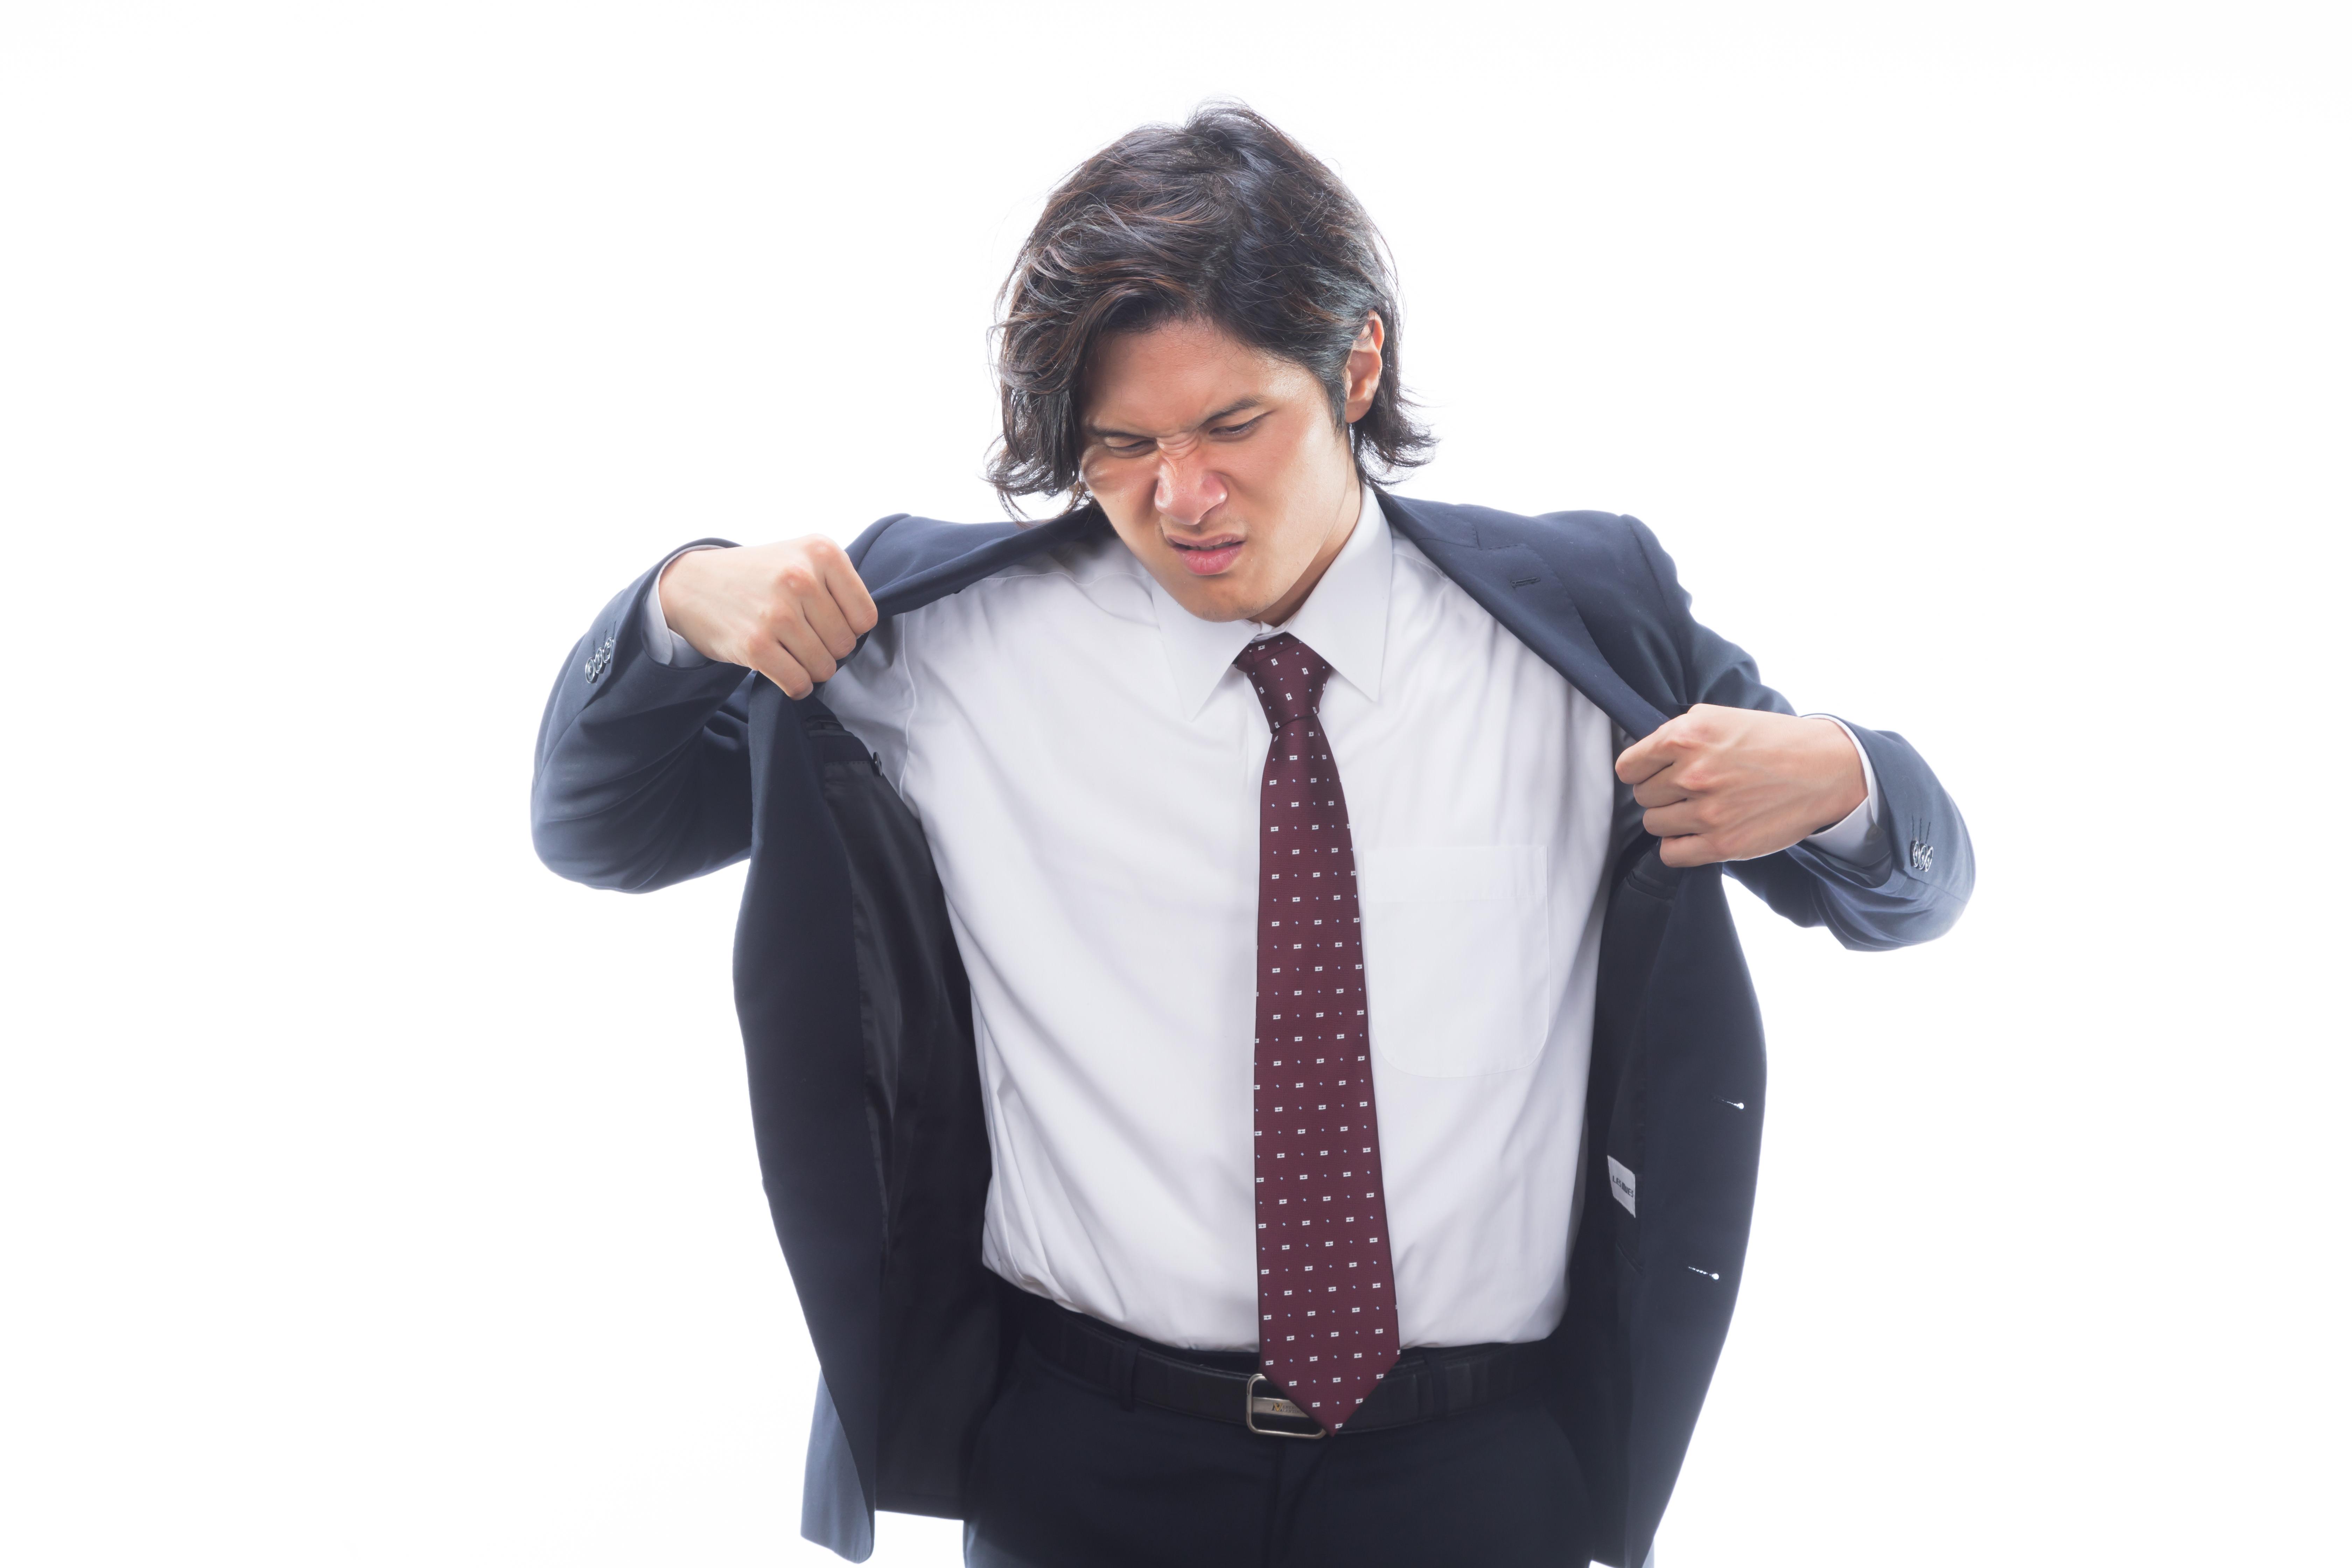 汗をかいて上着を脱ぐサラリーマンの写真素材